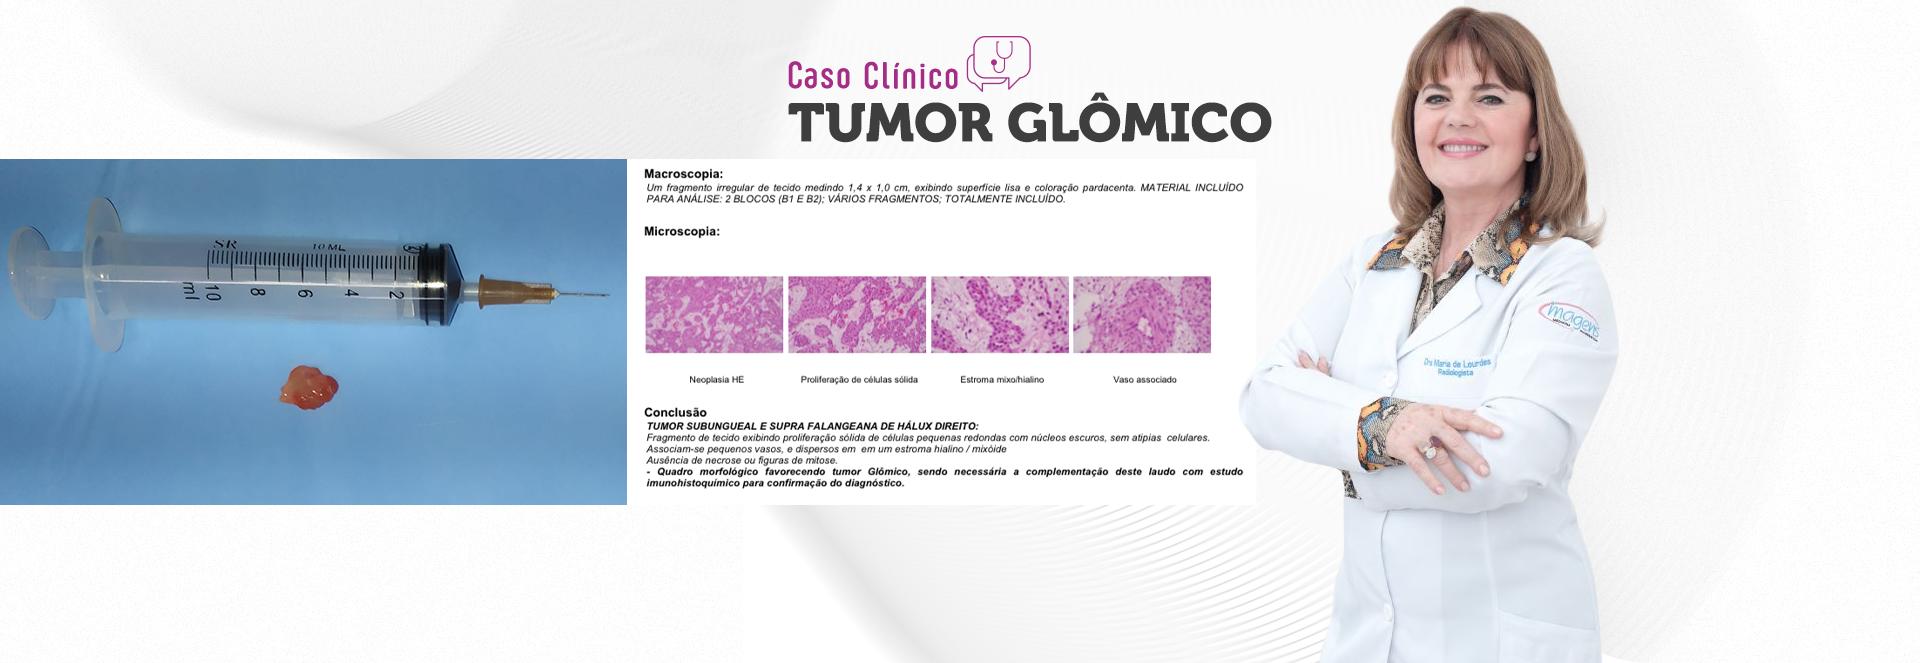 Tumor glˆomico